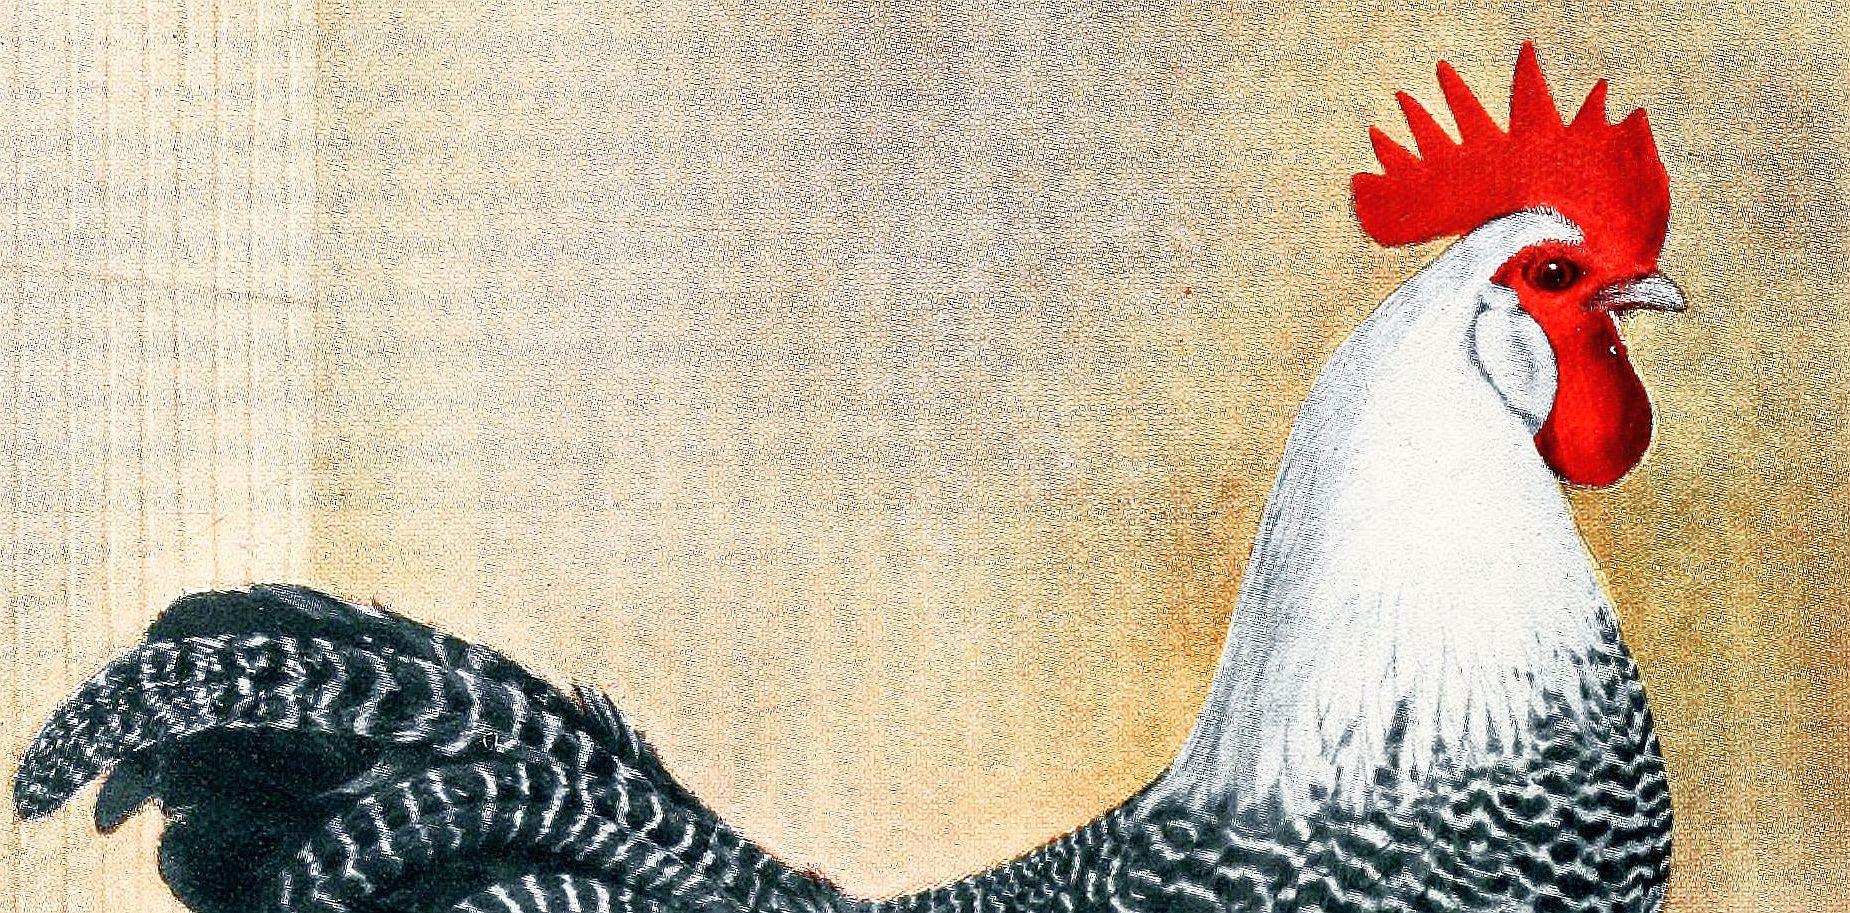 chicken- image_005-crop